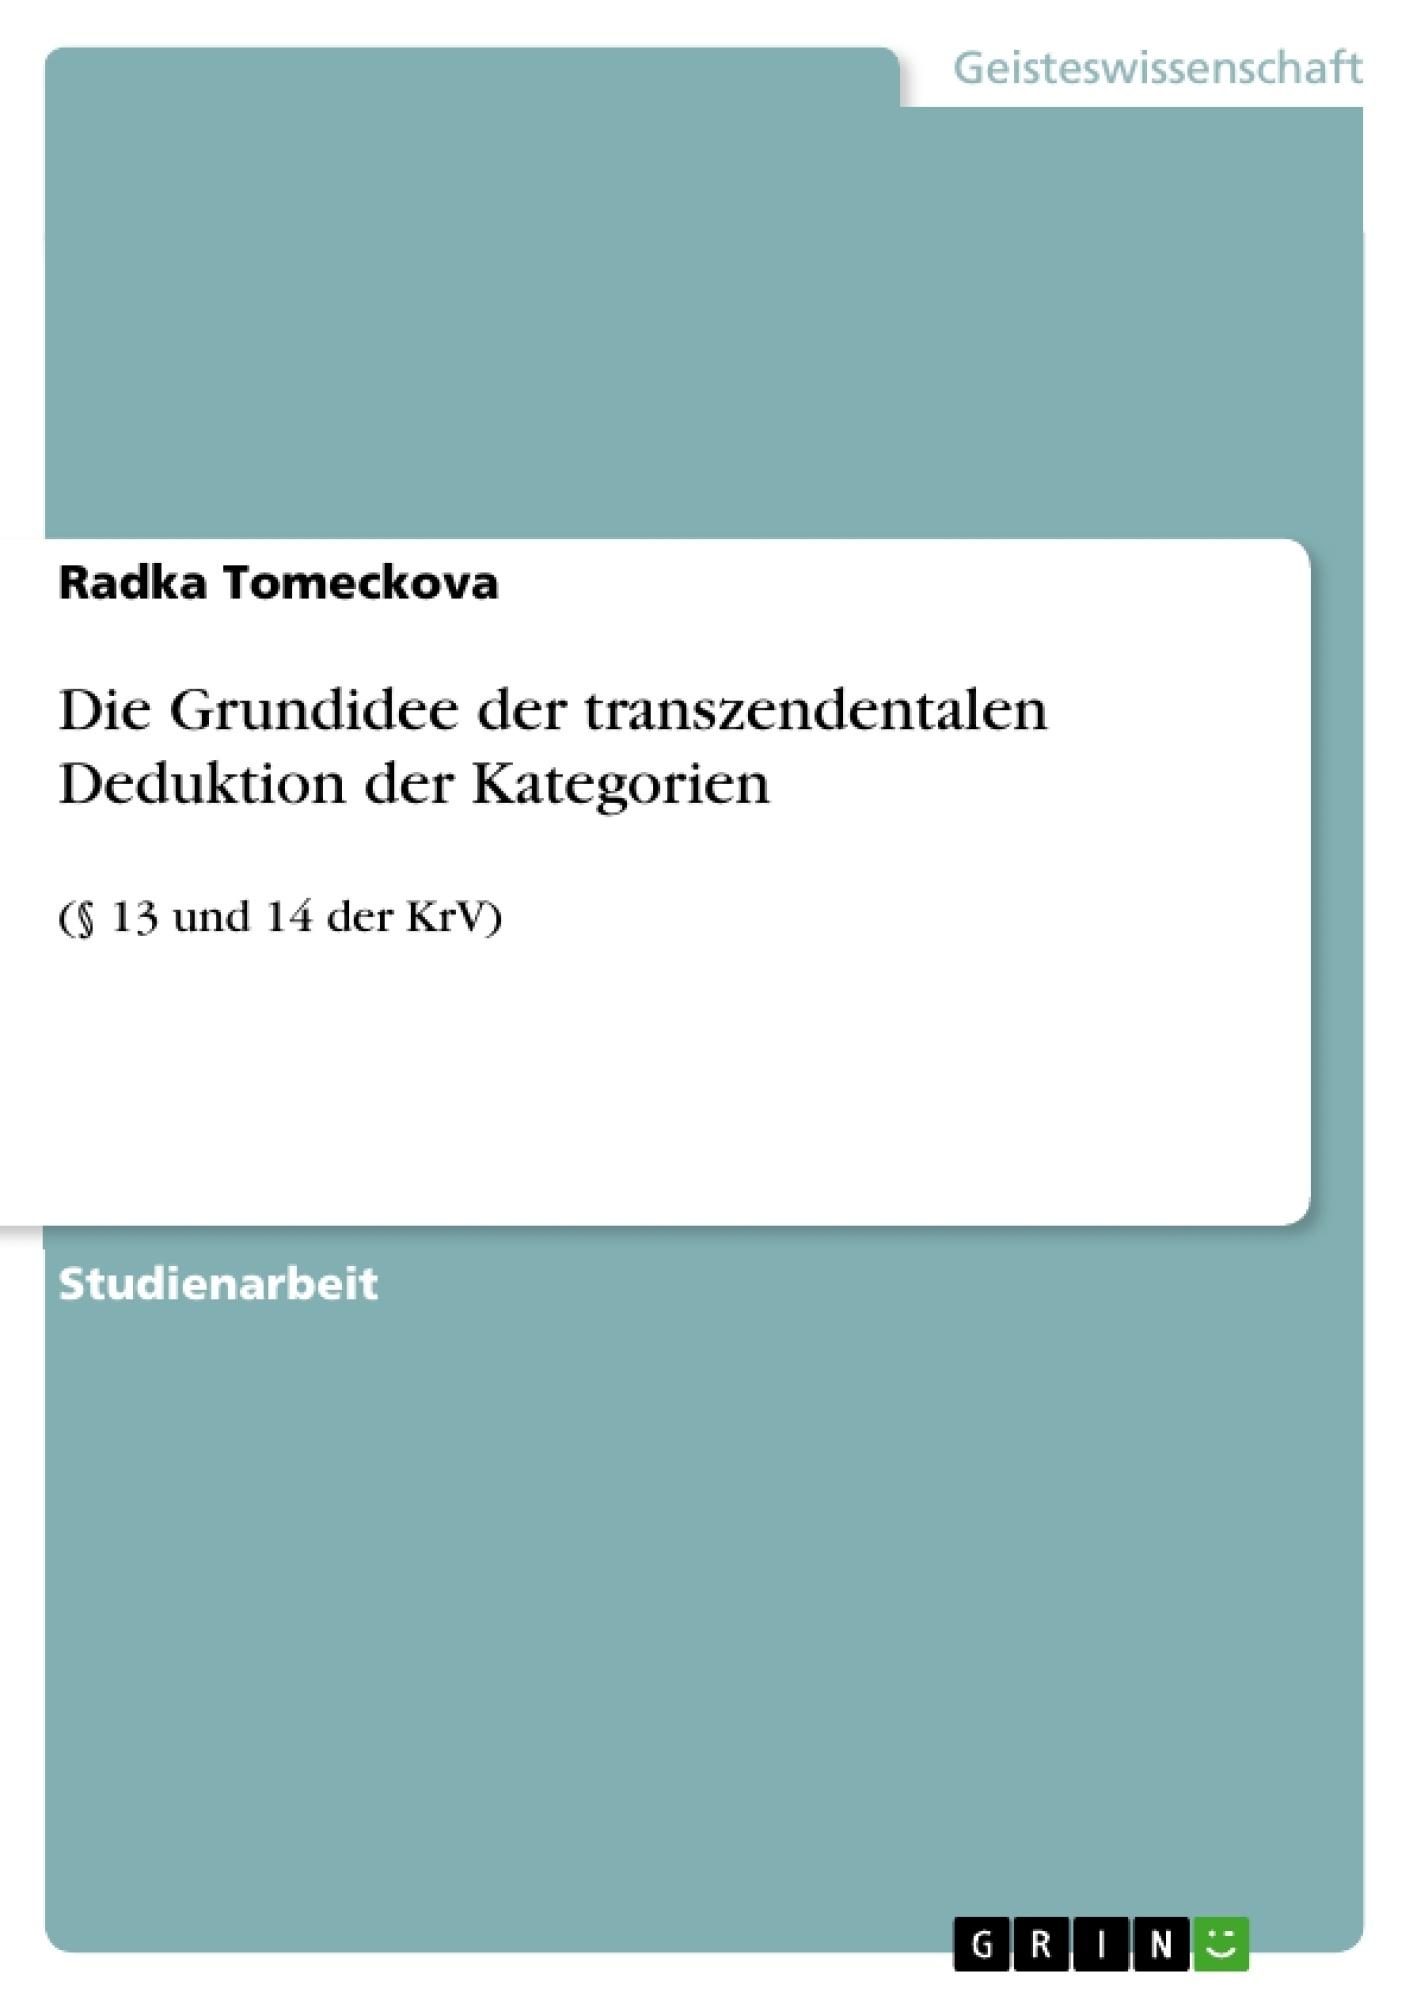 Titel: Die Grundidee der transzendentalen Deduktion der Kategorien